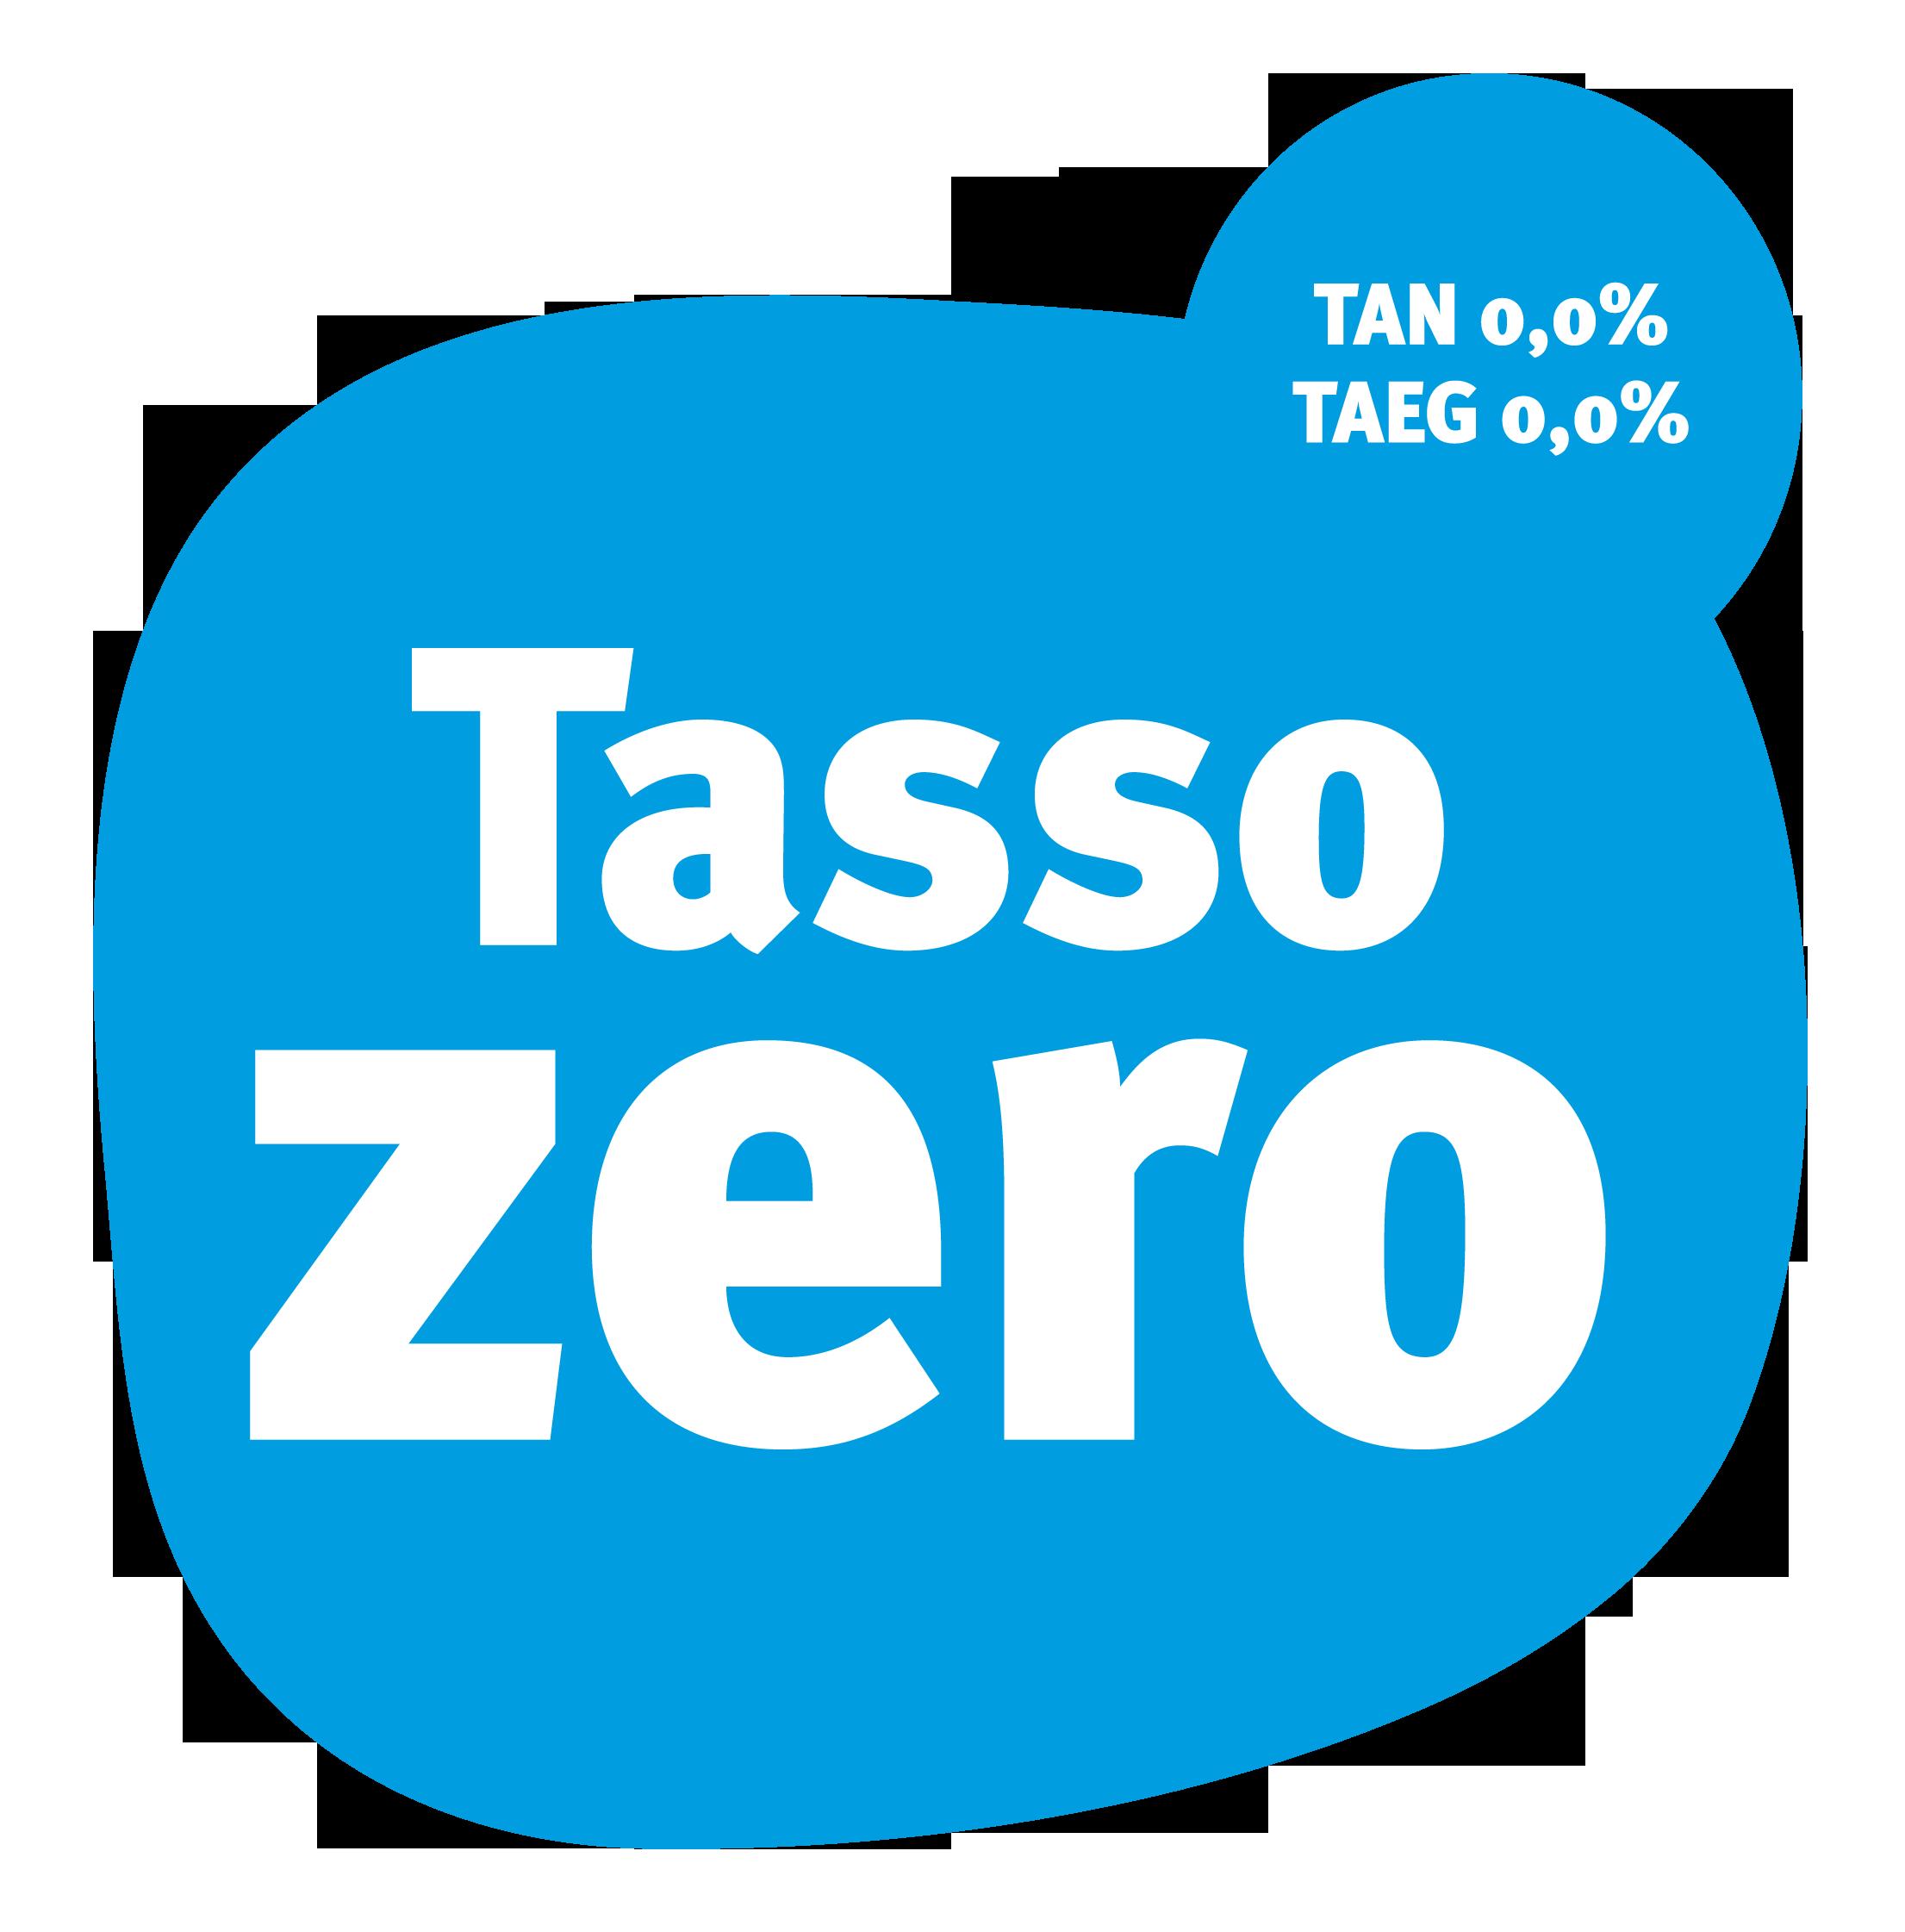 Tasso zero giovannetti mobili for Acquisto mobili finanziamento tasso zero